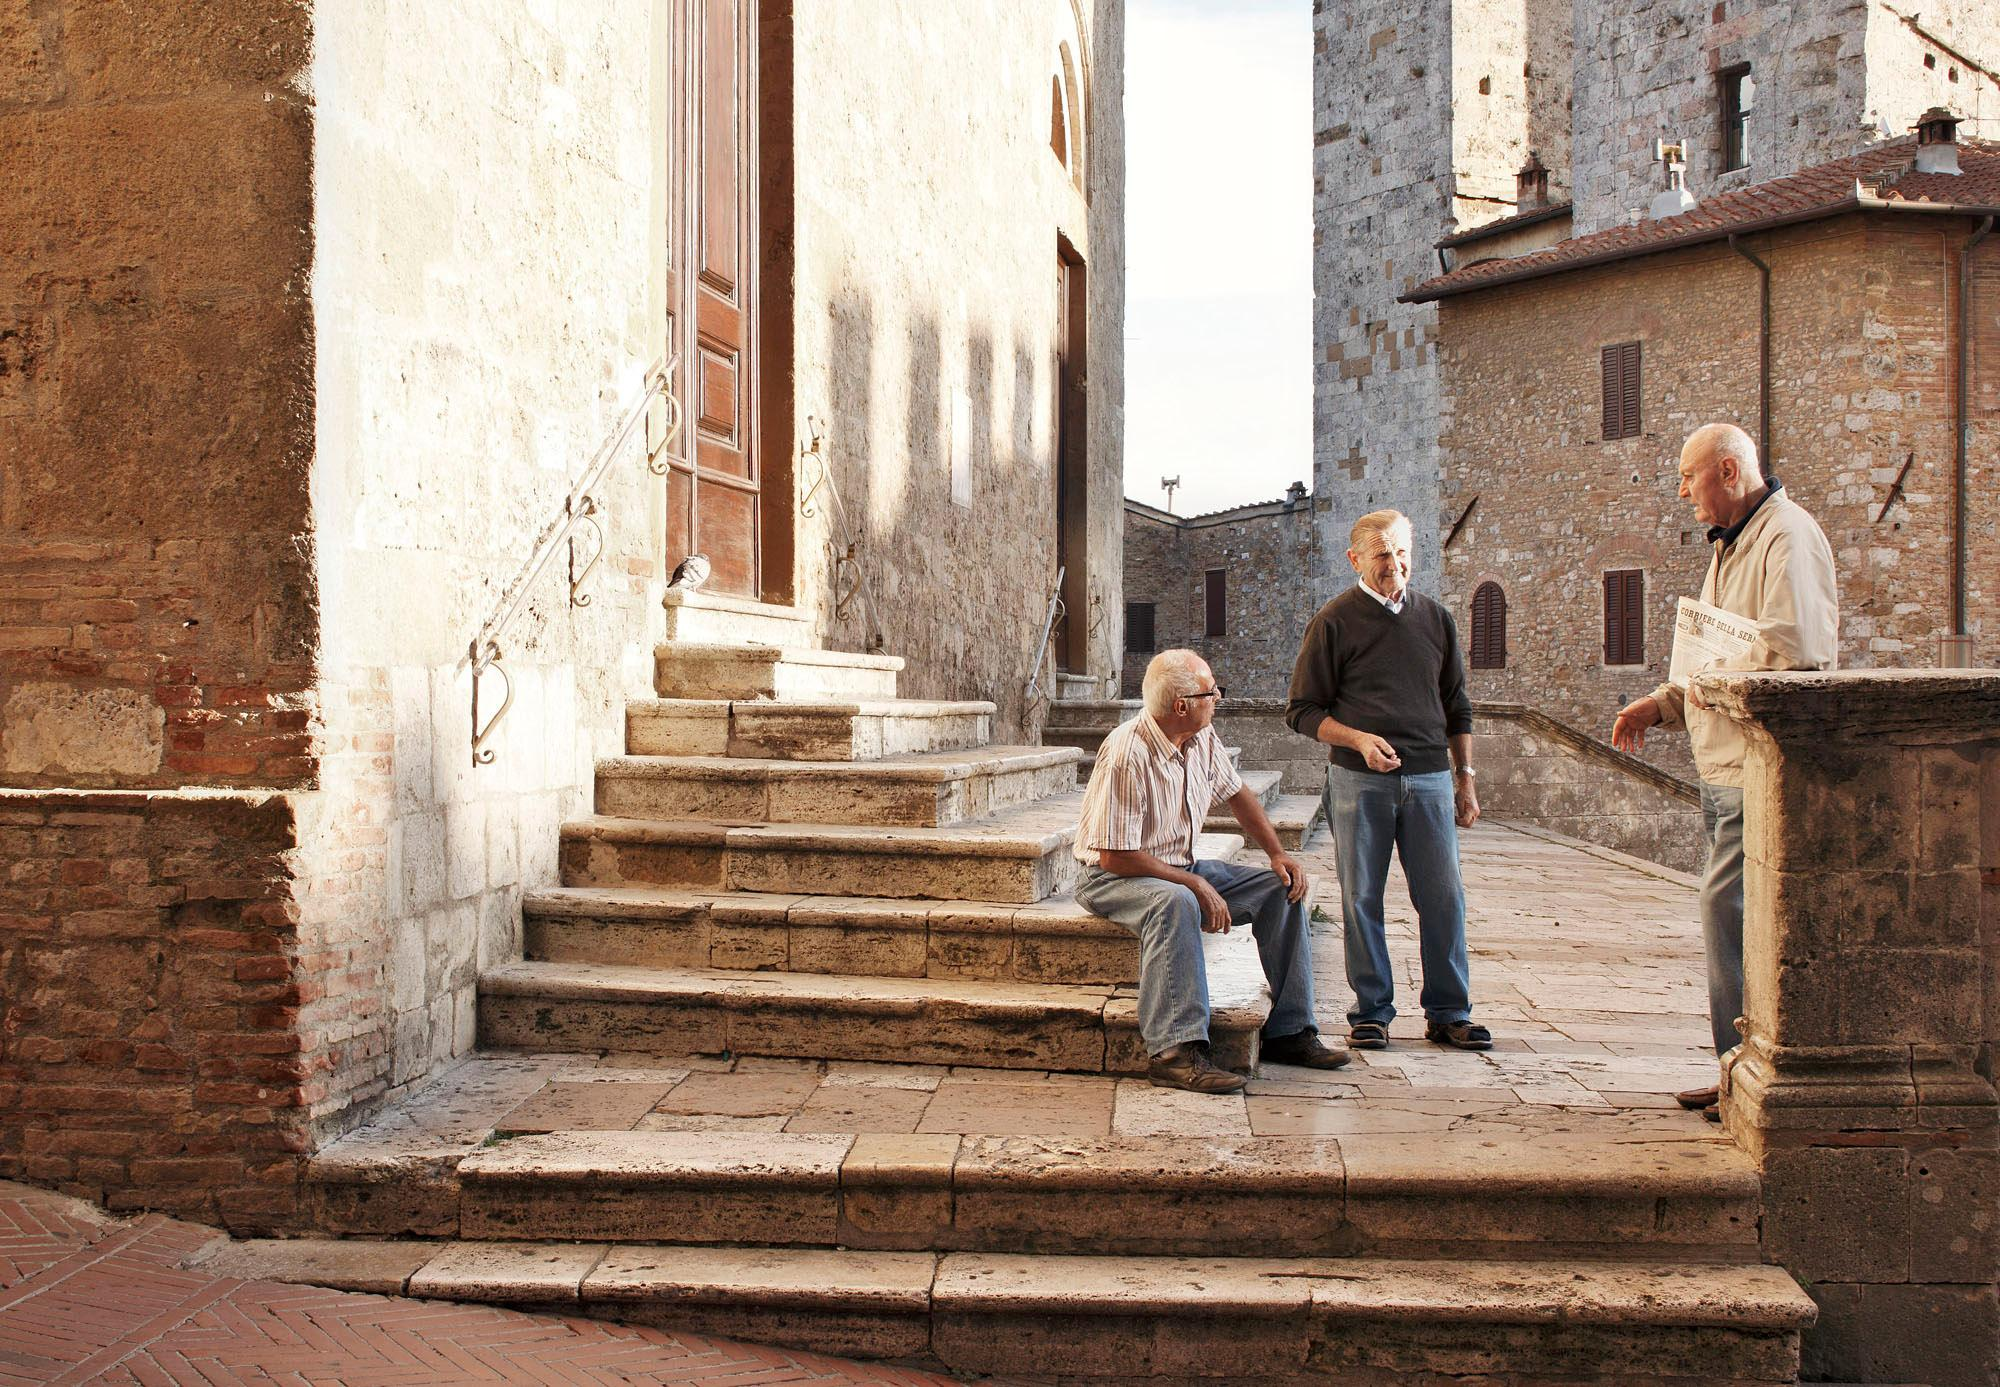 在主广场上与当地人交流,你会听到意想不到的圣吉米尼亚诺的传说。 - © Luca Capuano